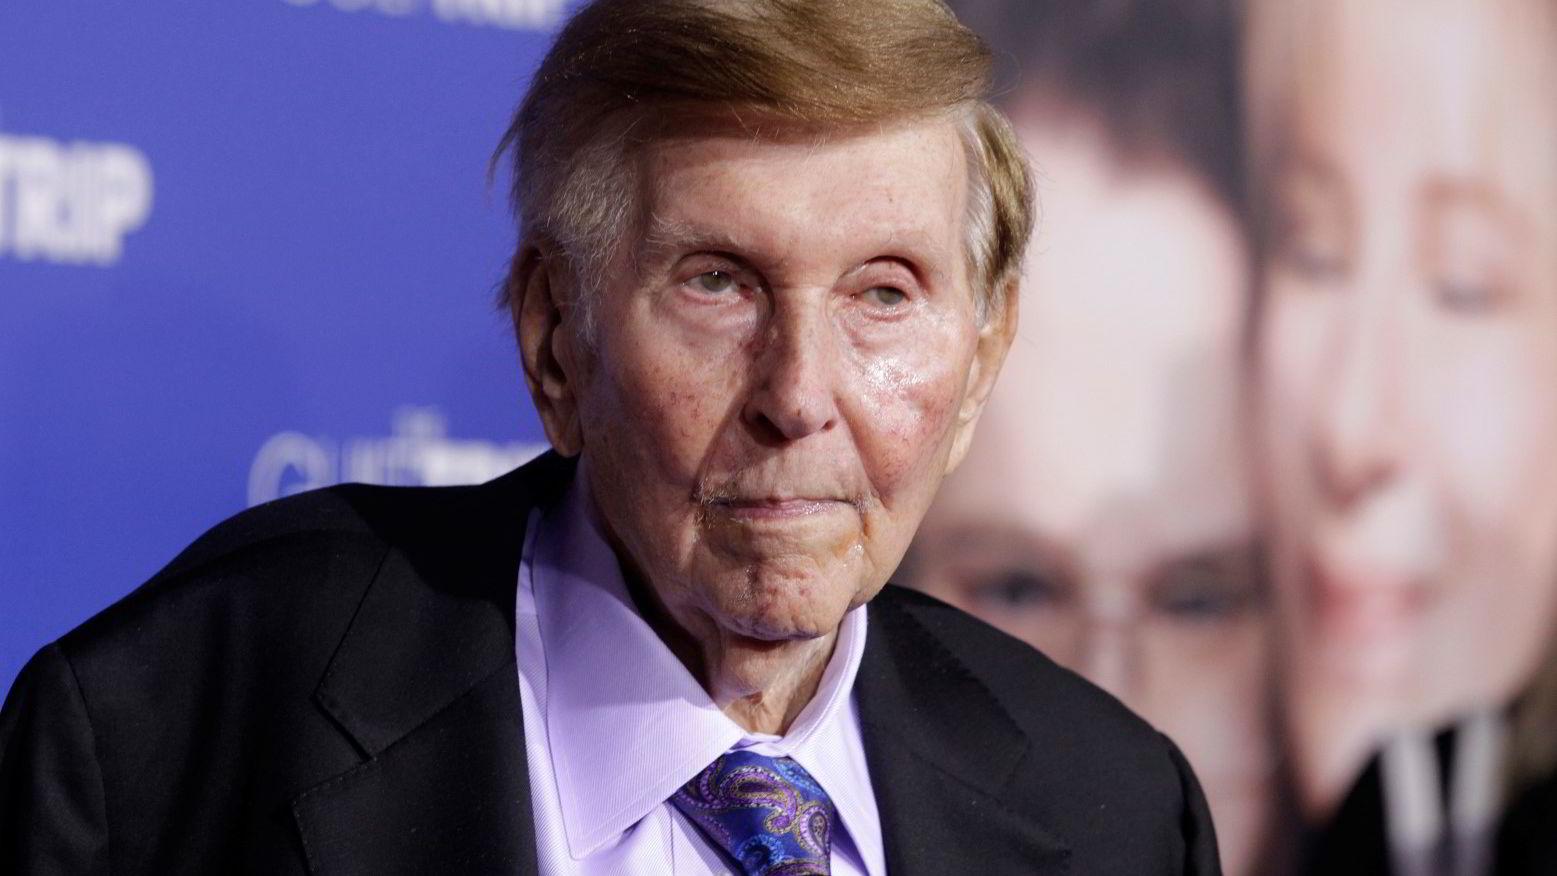 Entreprenøren Sumner Redstone (93), som er styreleder og eier i Viacom Inc. som eier Paramount, vil ikke selge filmselskapet. Foto: Fred Prouser/Reuters/NTB scanpix